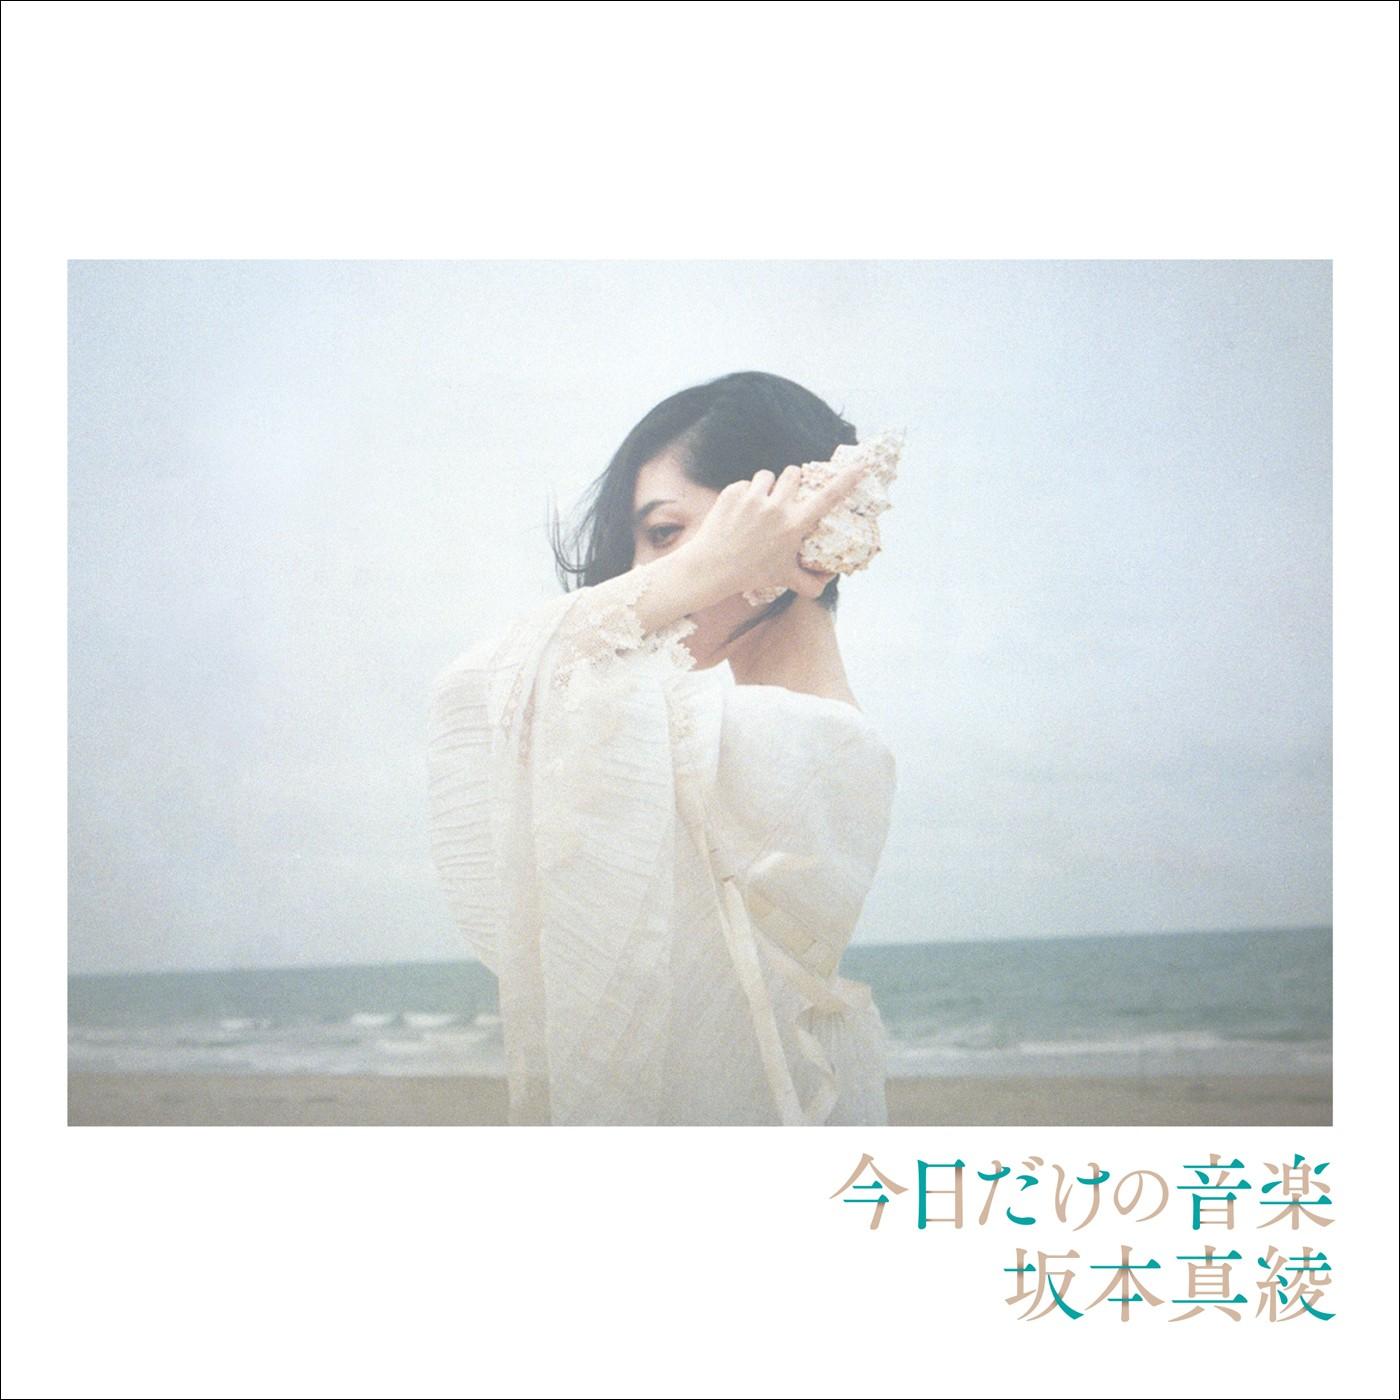 坂本真綾 (Maaya Sakamoto) – 今日だけの音楽 [FLAC 24bit/96kHz]